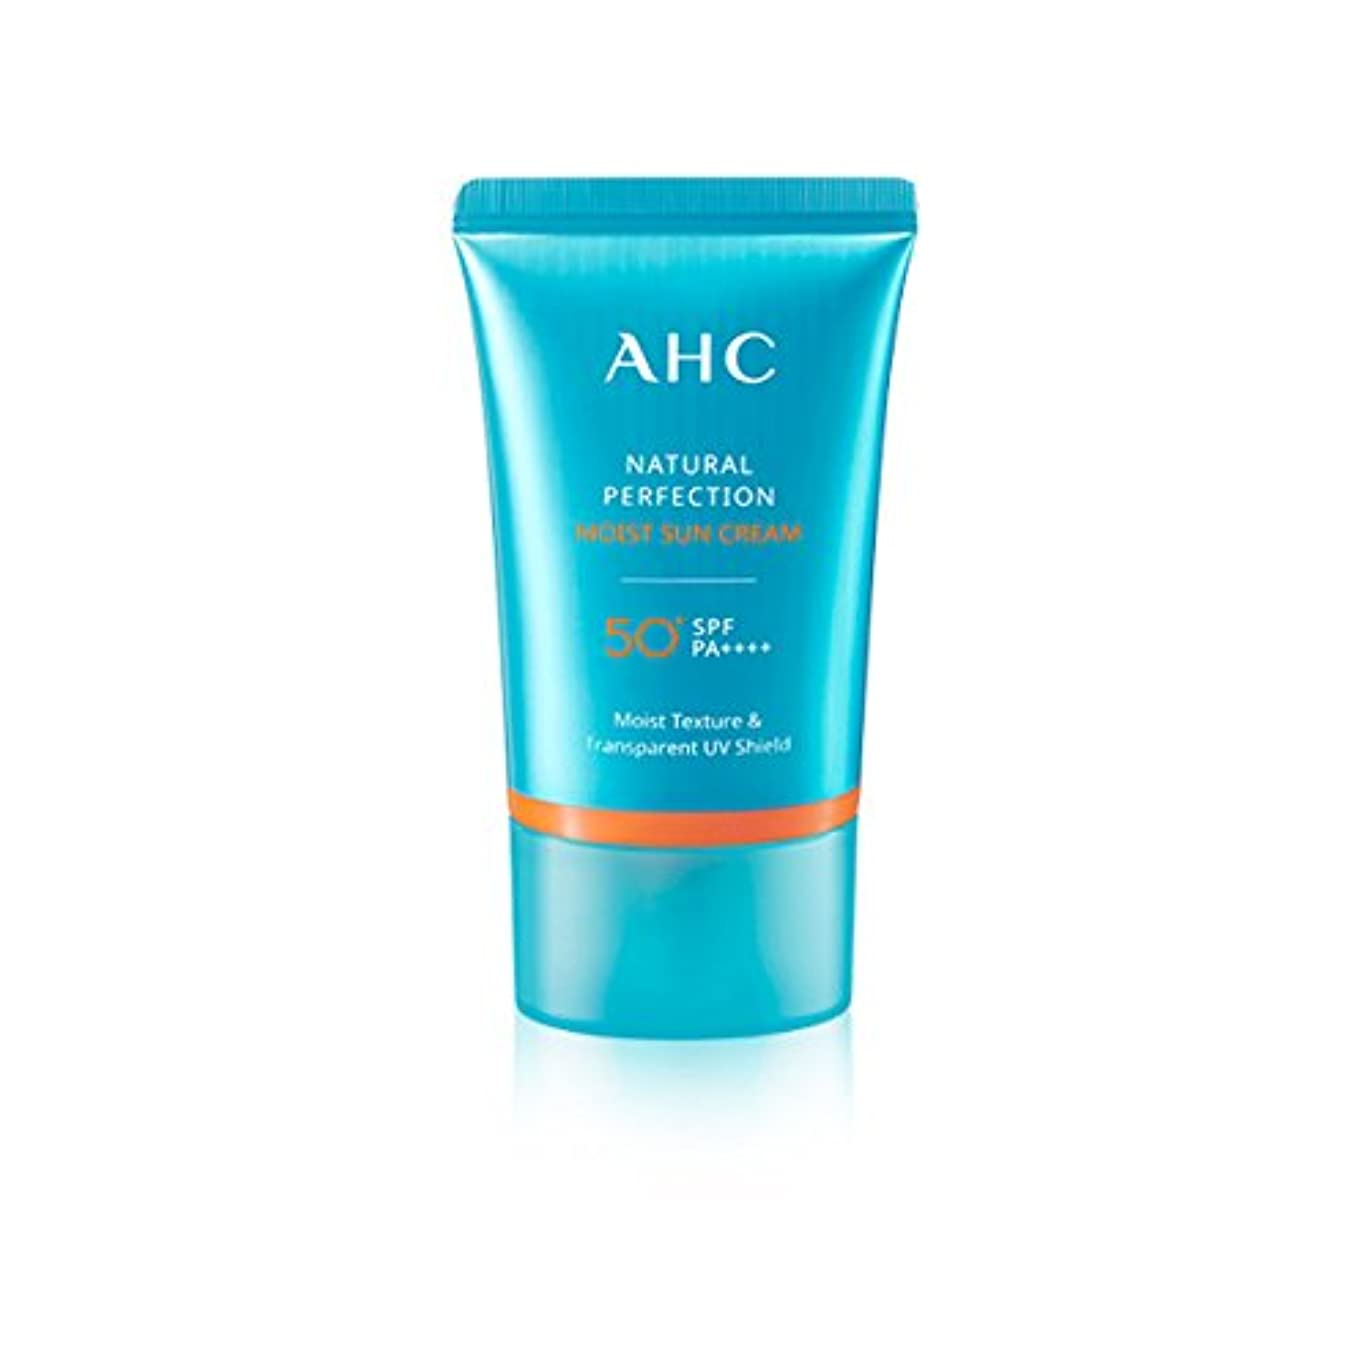 触手神話撤退AHC Natural Perfection Moist Sun Cream 50ml/AHC ナチュラル パーフェクション モイスト サン クリーム 50ml [並行輸入品]